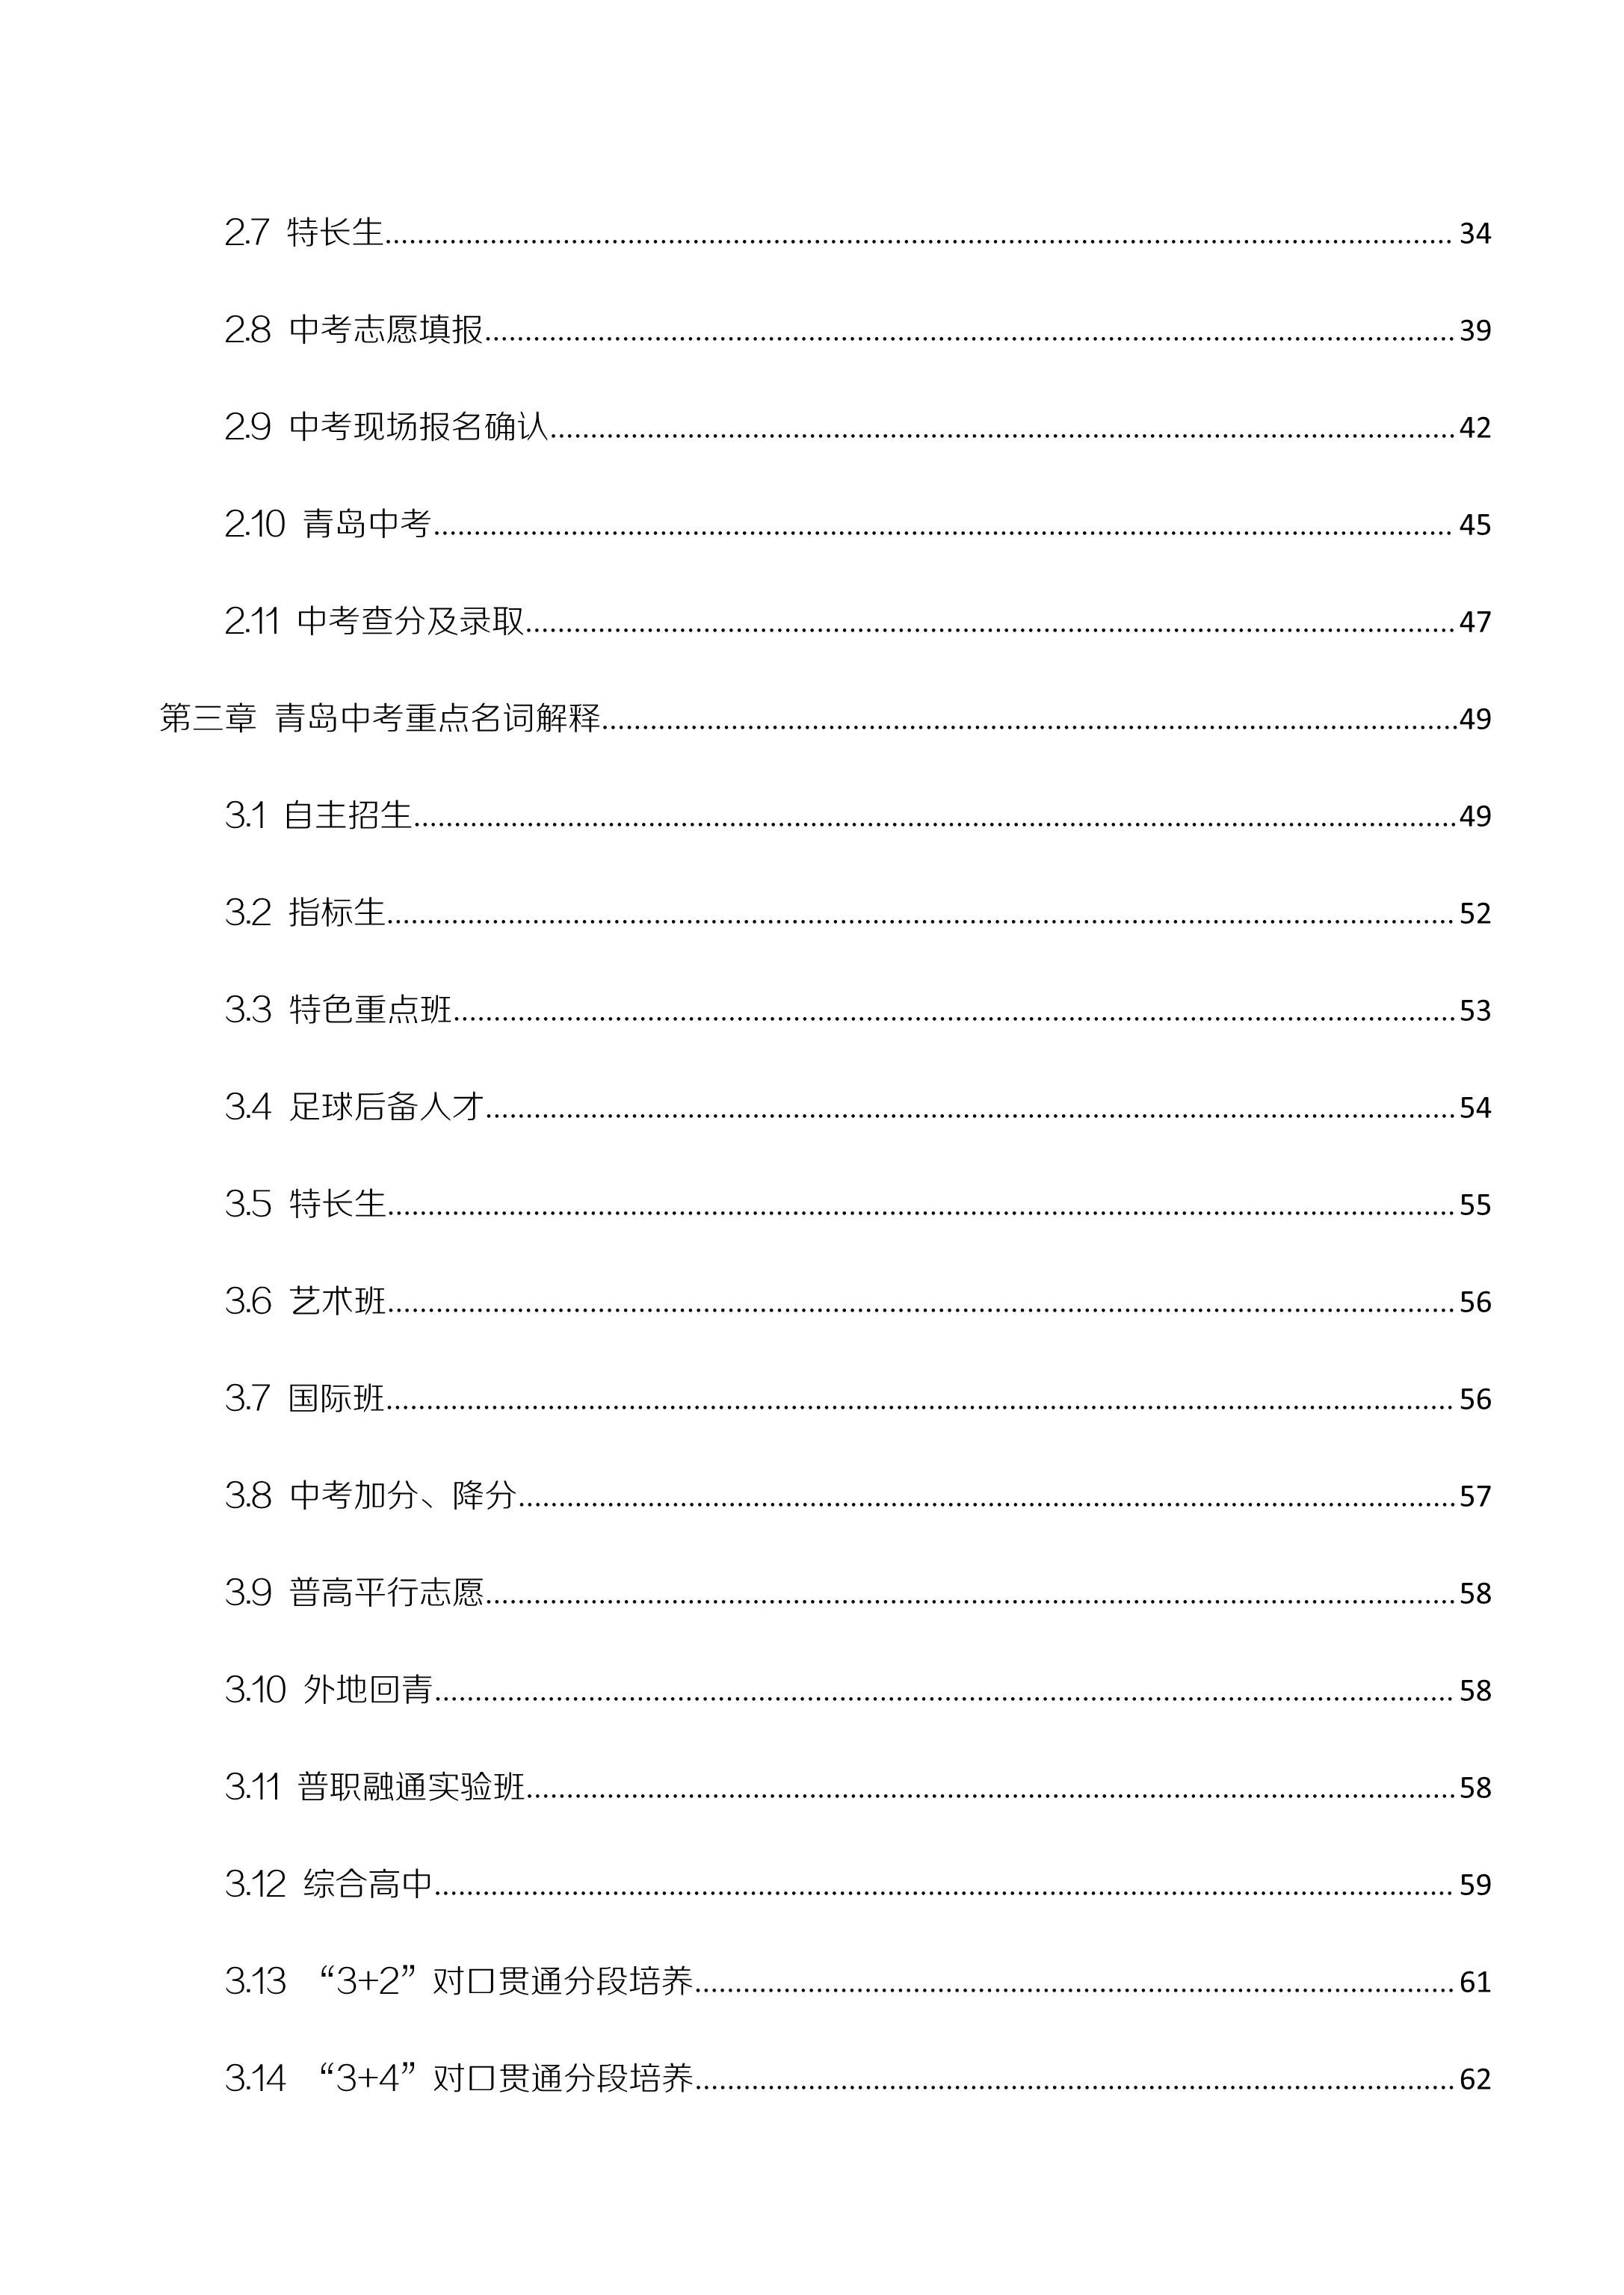 2021中考白皮书-终版(10.30)(20.00)_5.jpg